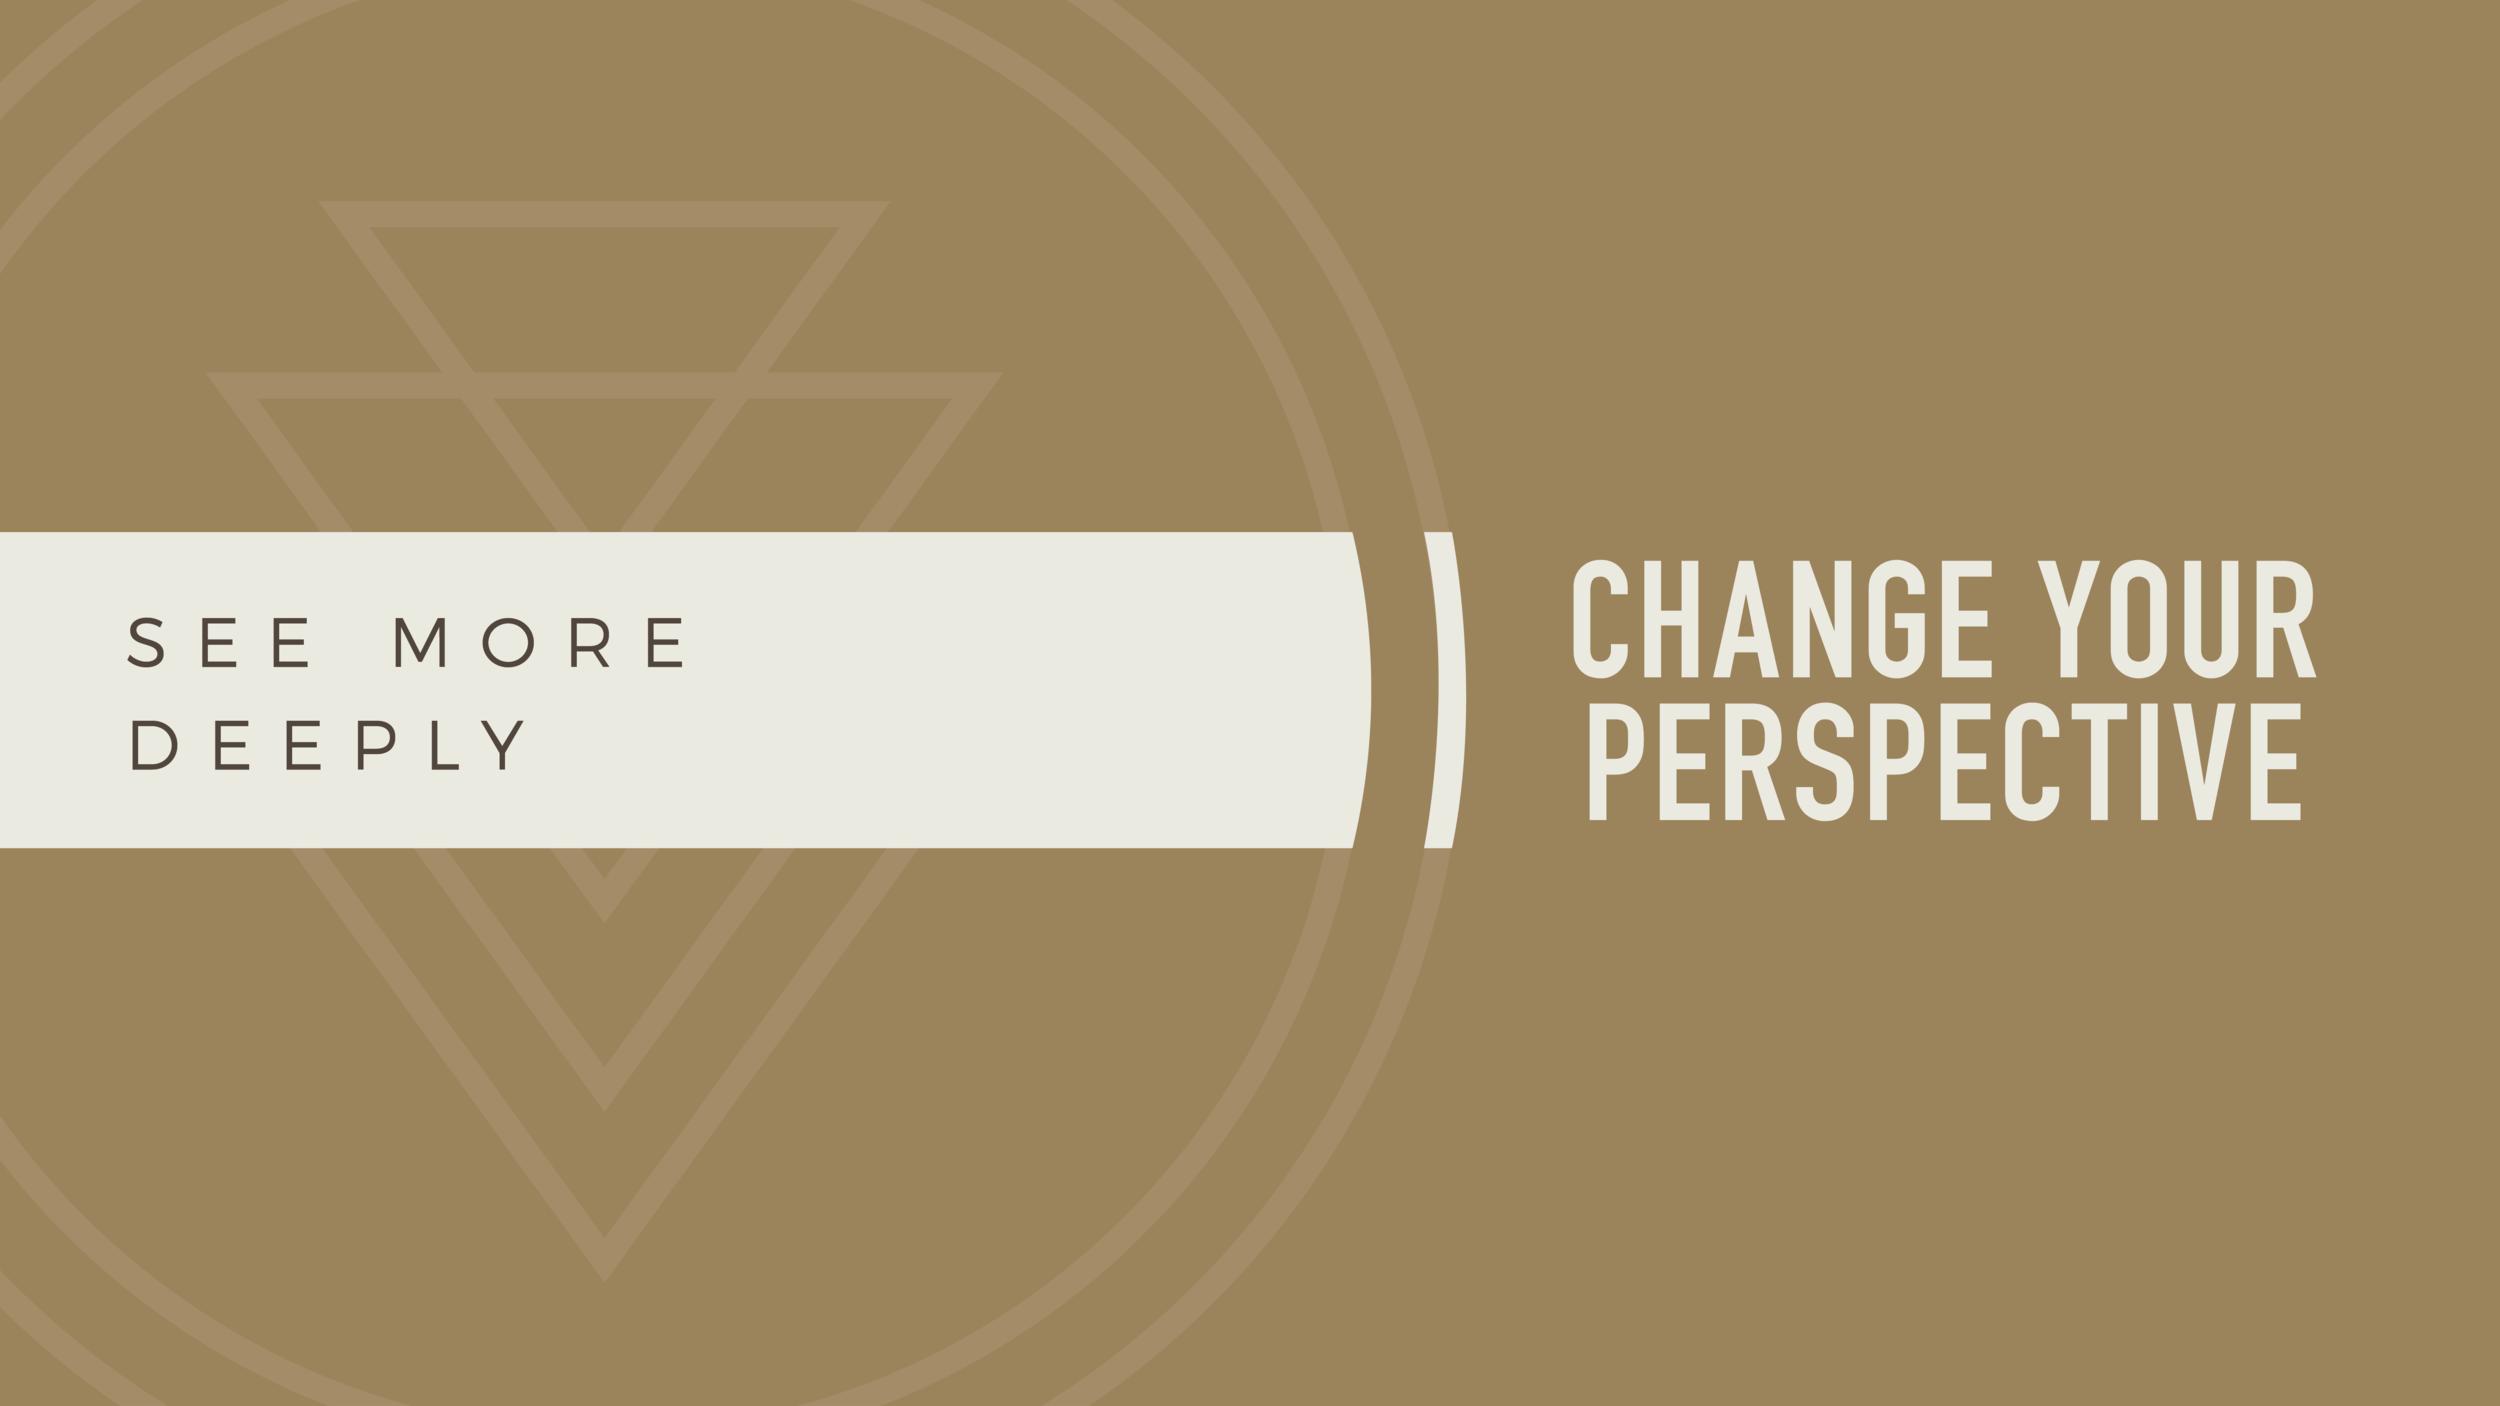 KJC_CHANGEPERSPECTIVE-21.png